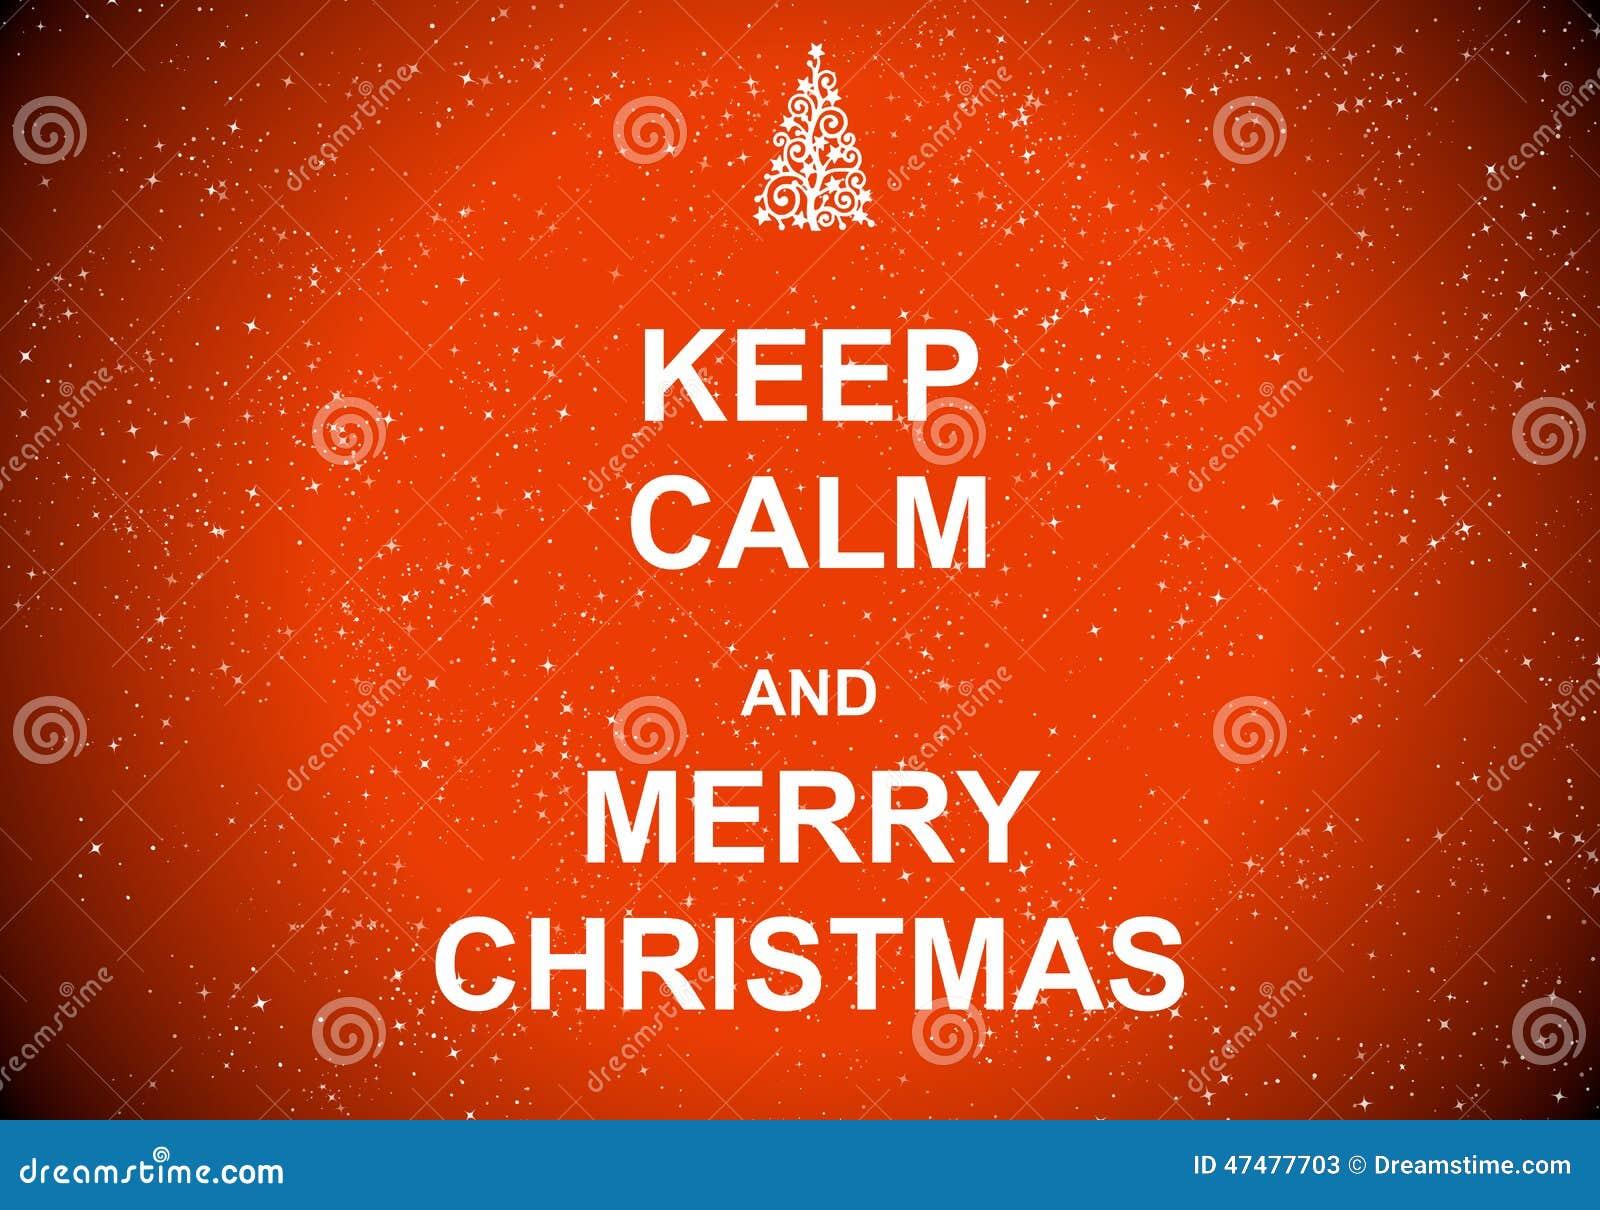 Κρατήστε ήρεμος και Χαρούμενα Χριστούγεννα